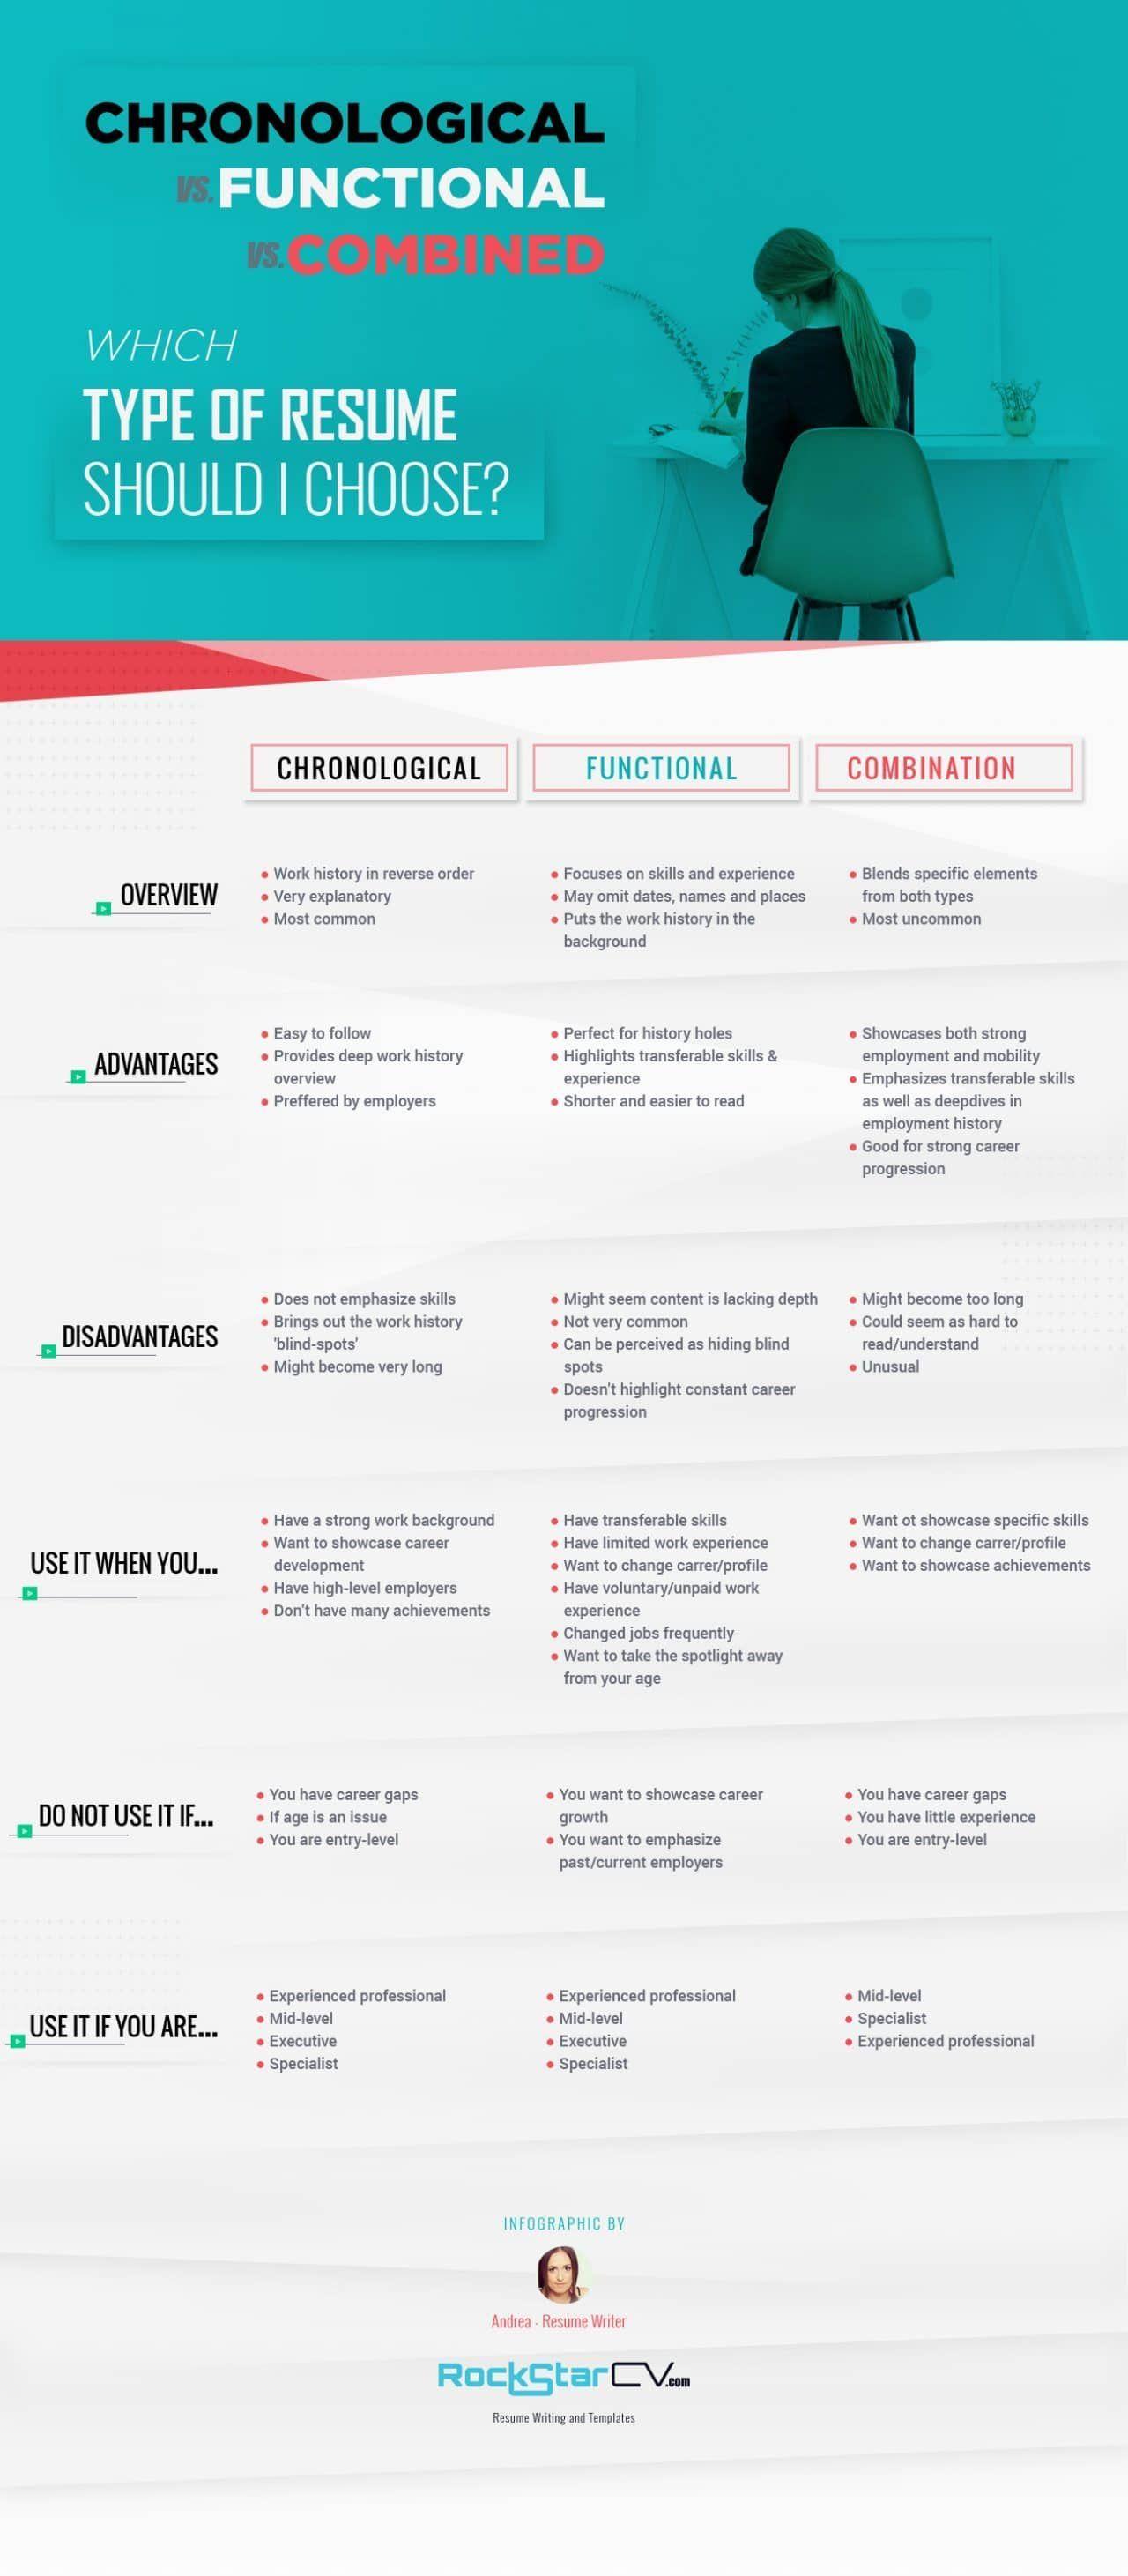 Resume Type Chronological Functional Dream Job Pinterest